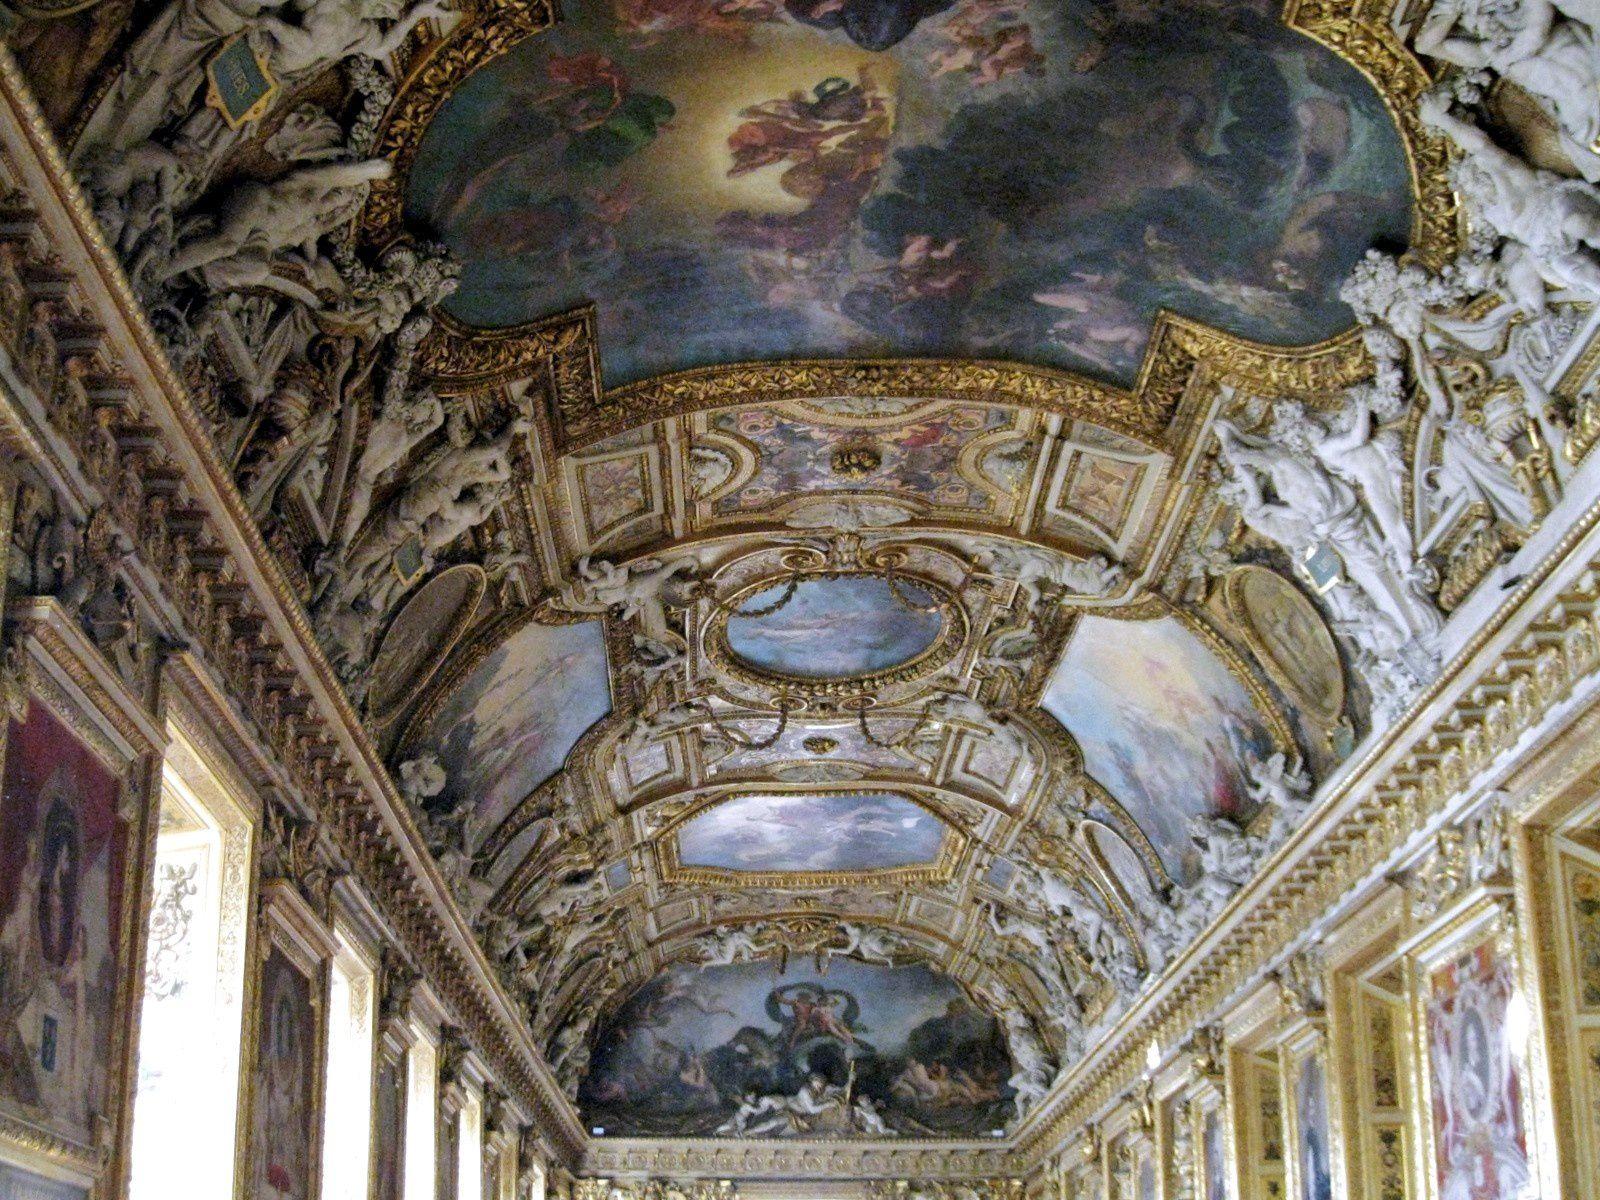 Galerie d'Apollon, musée du Louvre